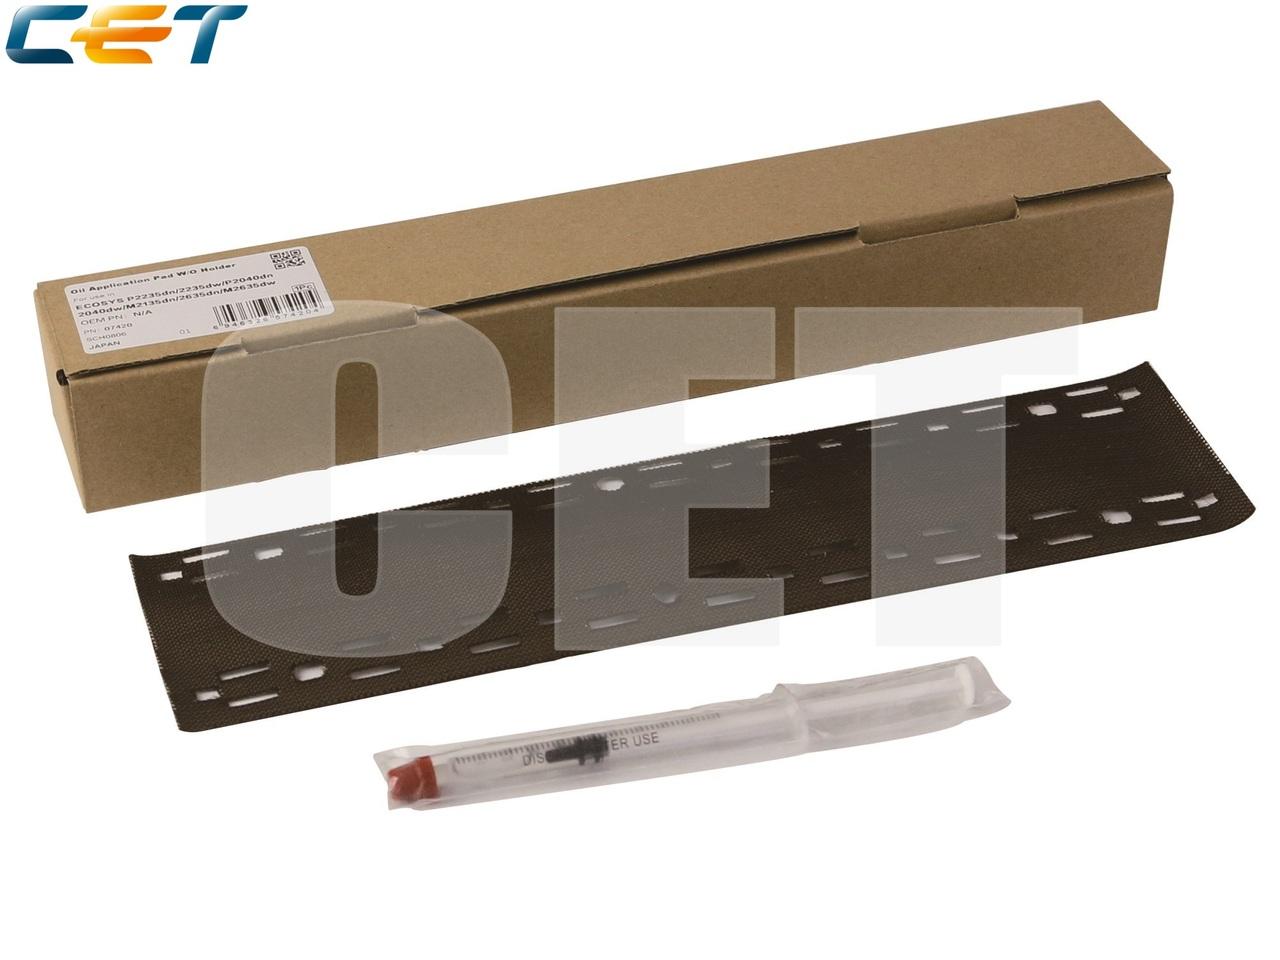 Тканевая накладка прижимной планки фьюзера + смазка дляKYOCERA ECOSYS P2235dn/2040dn/M2235dn/2040dn (CET),CET7420